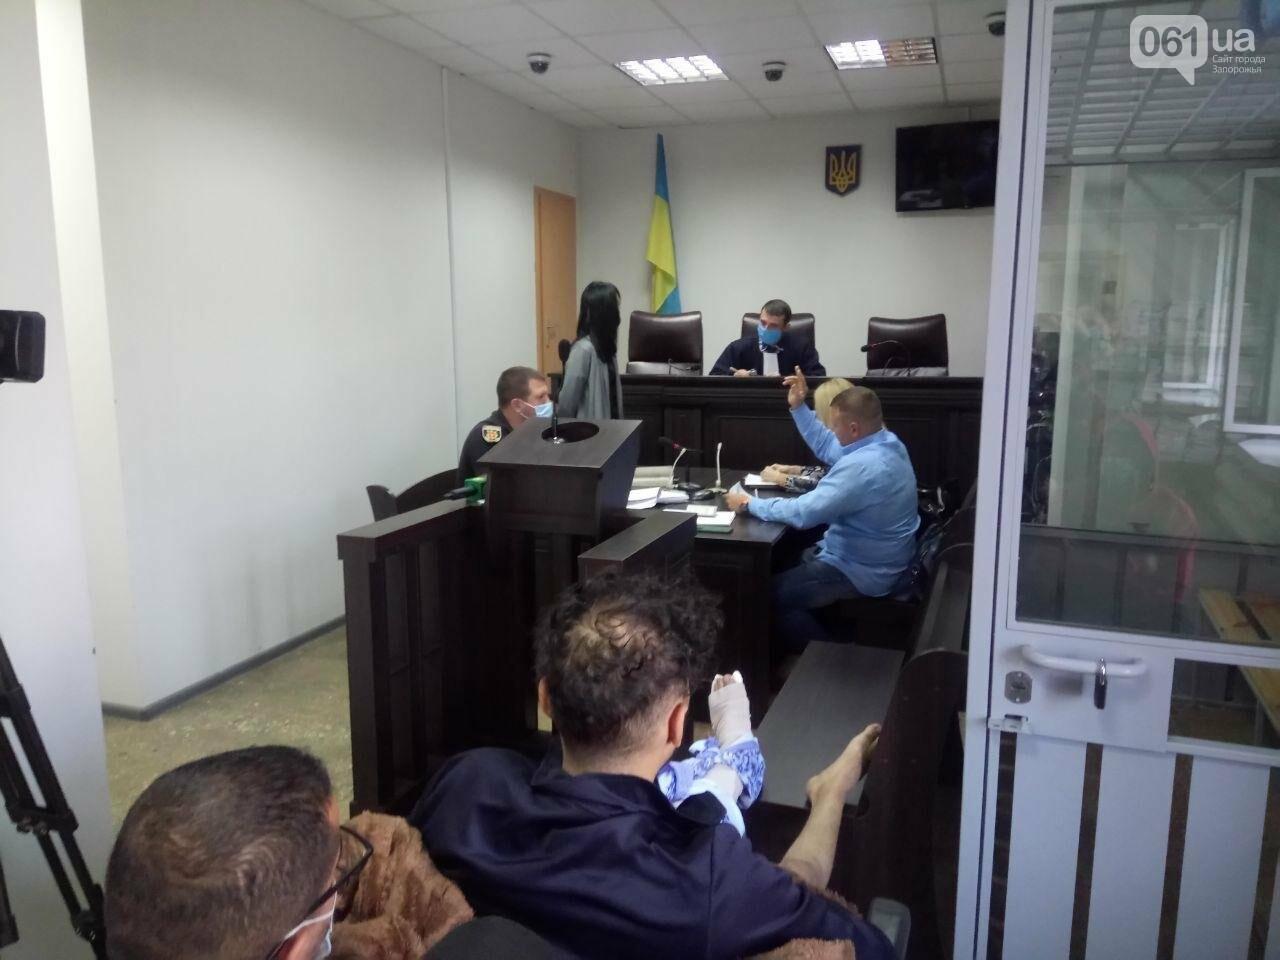 В Запорожье не смогли избрать меру пресечения для студента, подозреваемого в совершении смертельной ДТП на Набережной, фото-2